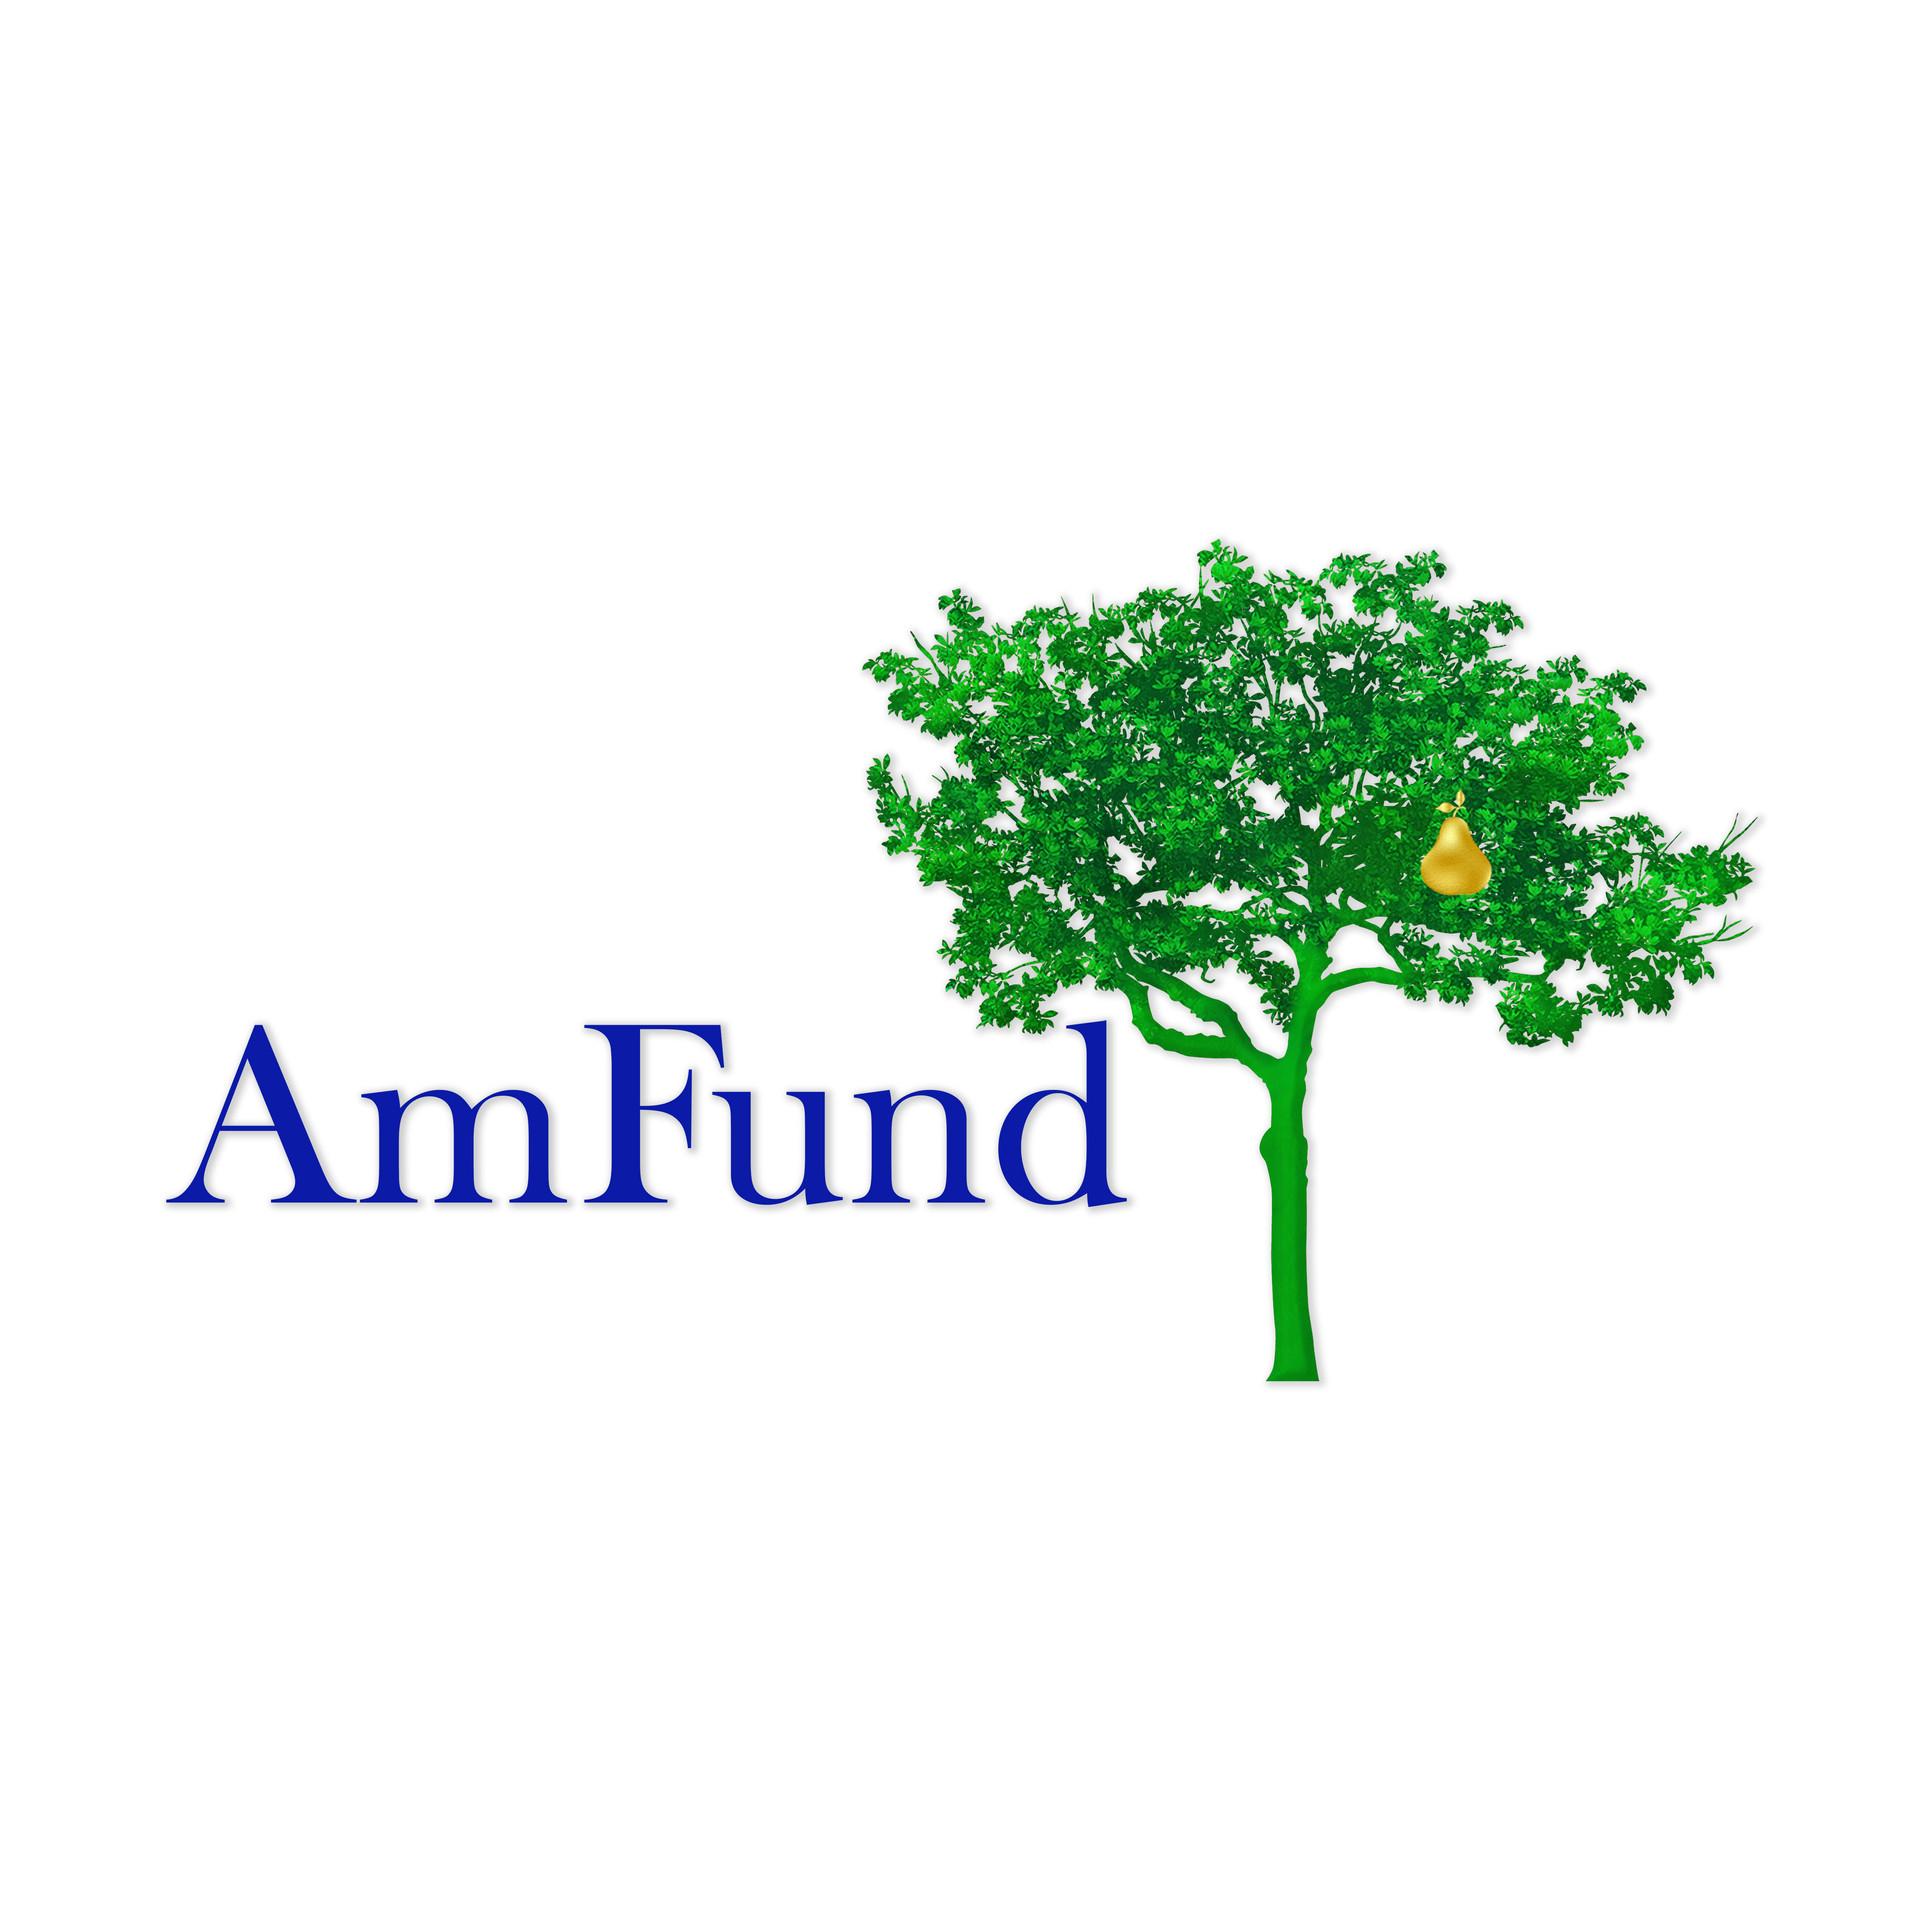 AmFund Logo JPEG